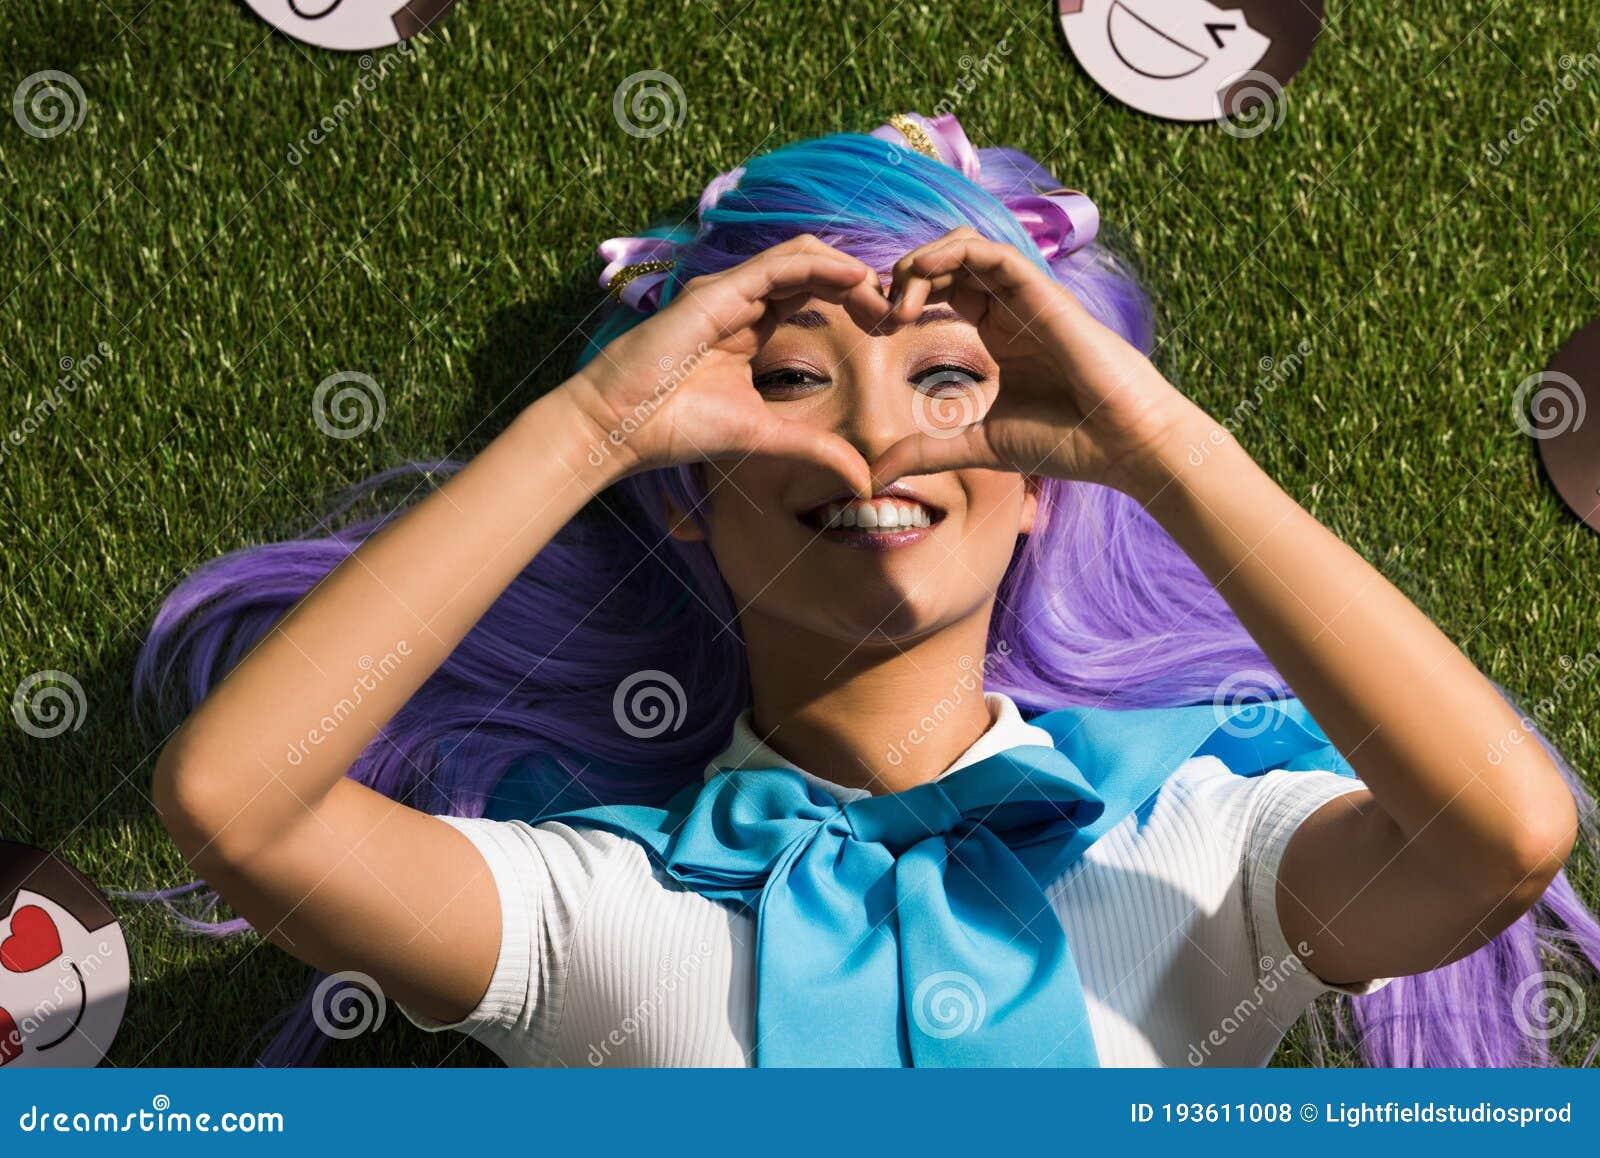 Lachendes Mädchen, Das Im Gras Liegt Stockfoto - Bild